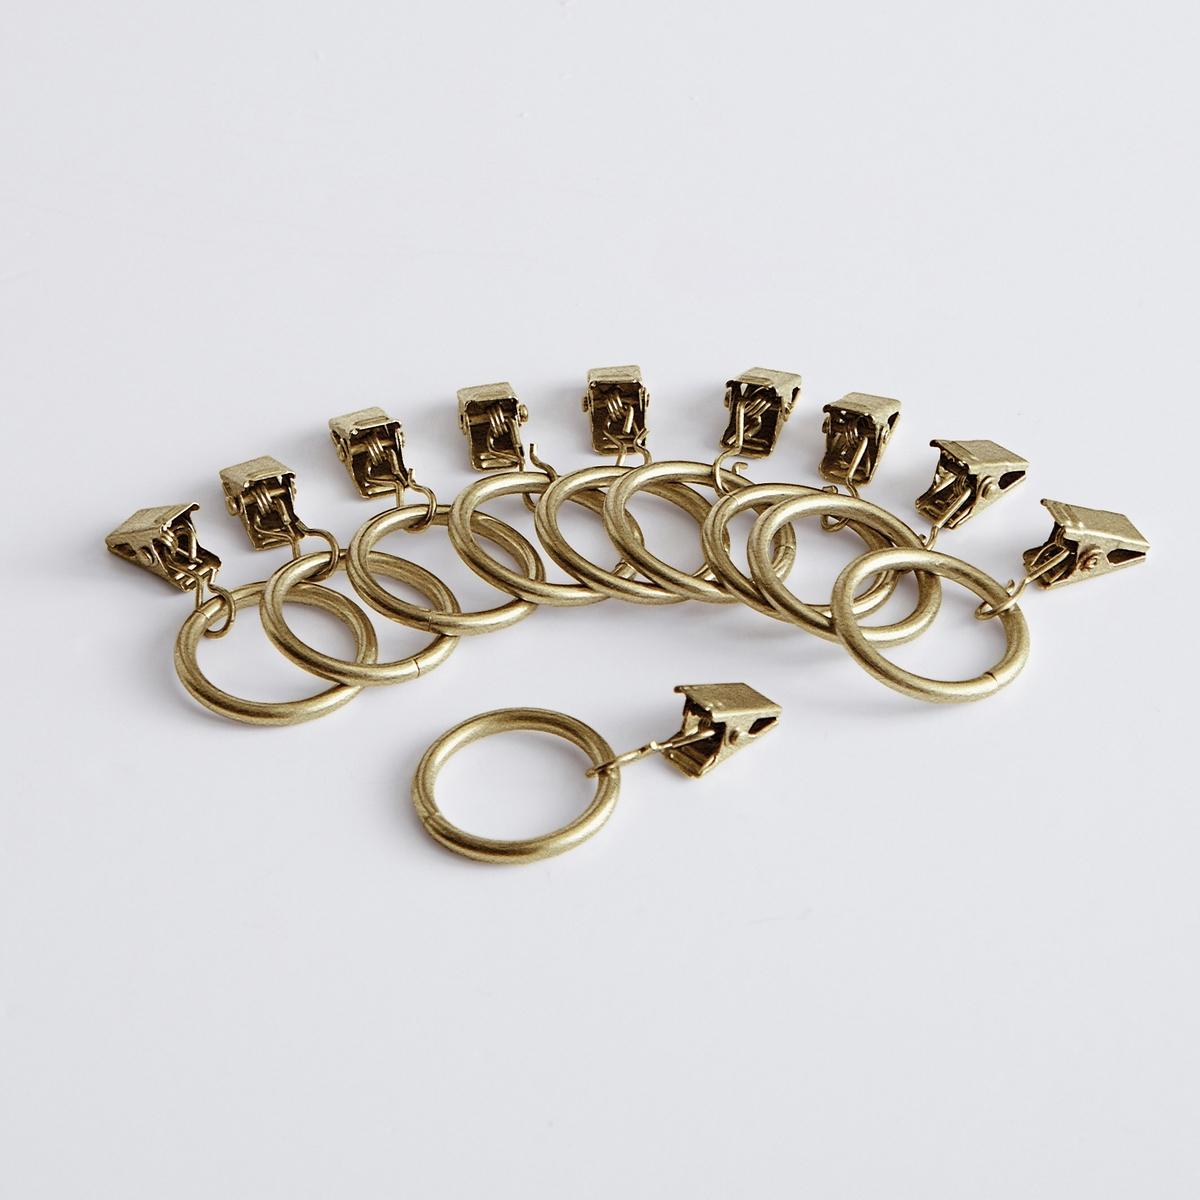 Кольца с зажимами для штор ONEGA (10 шт.)Комплект из 10 колец с зажимами для штор Onega.  Быстрый и современный способ повесить шторы. Из металла. Внутренний диаметр кольца 2,5 см.<br><br>Цвет: серый хромированный<br>Размер: комплект из 10